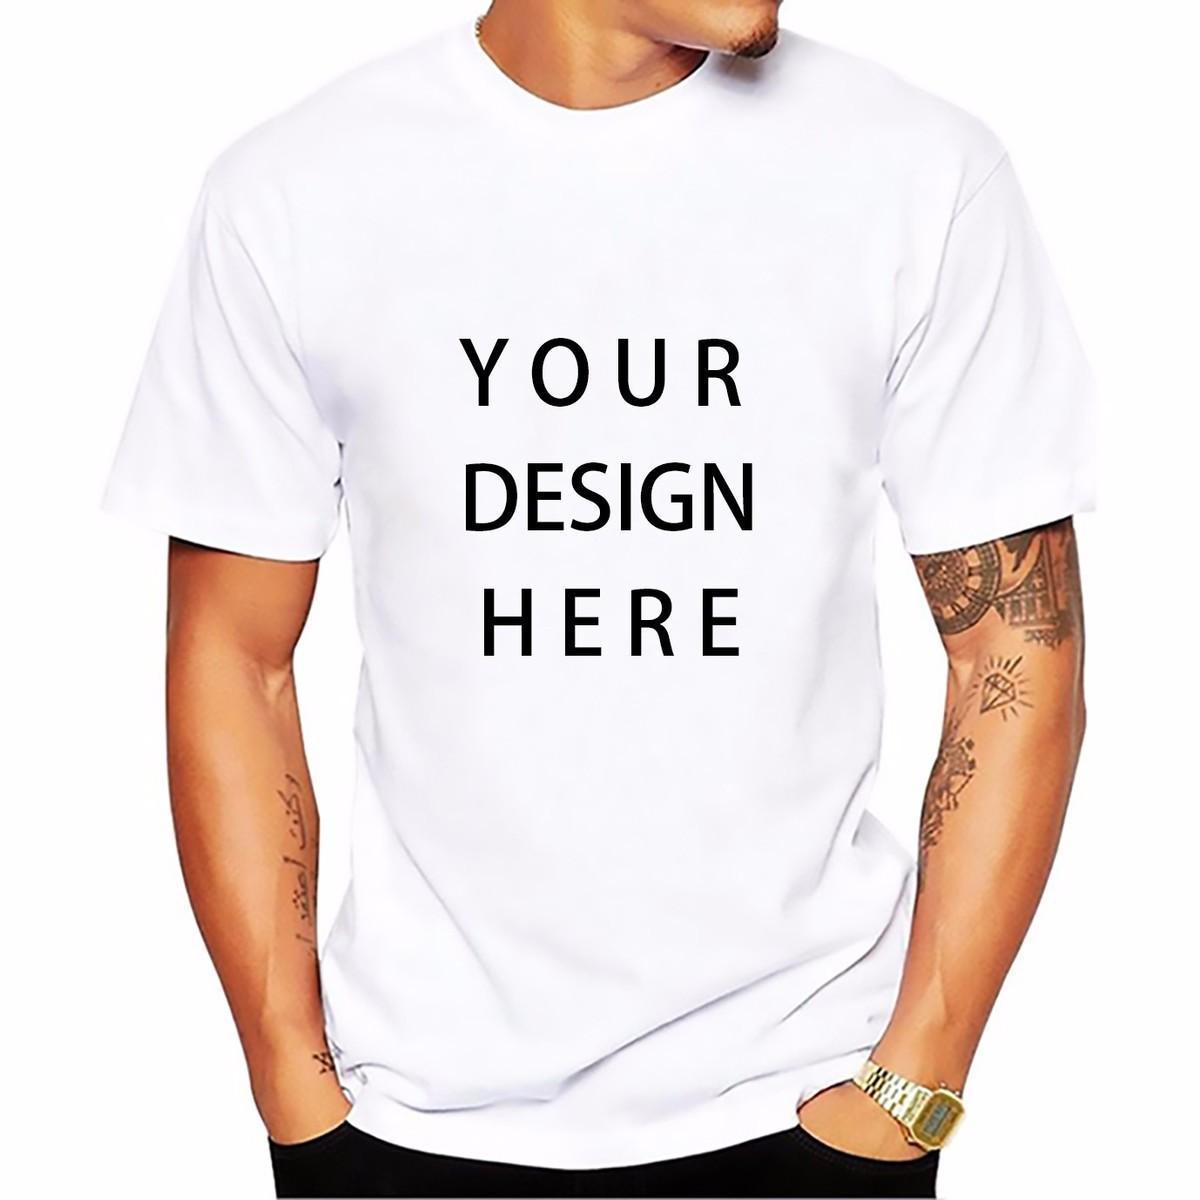 Resim işleme Yüksek Kalite Özelleştirilmiş Erkekler T gömlek Baskı Kendi Tasarım / LOGO / QR kod / fotoğraf casual tshirt